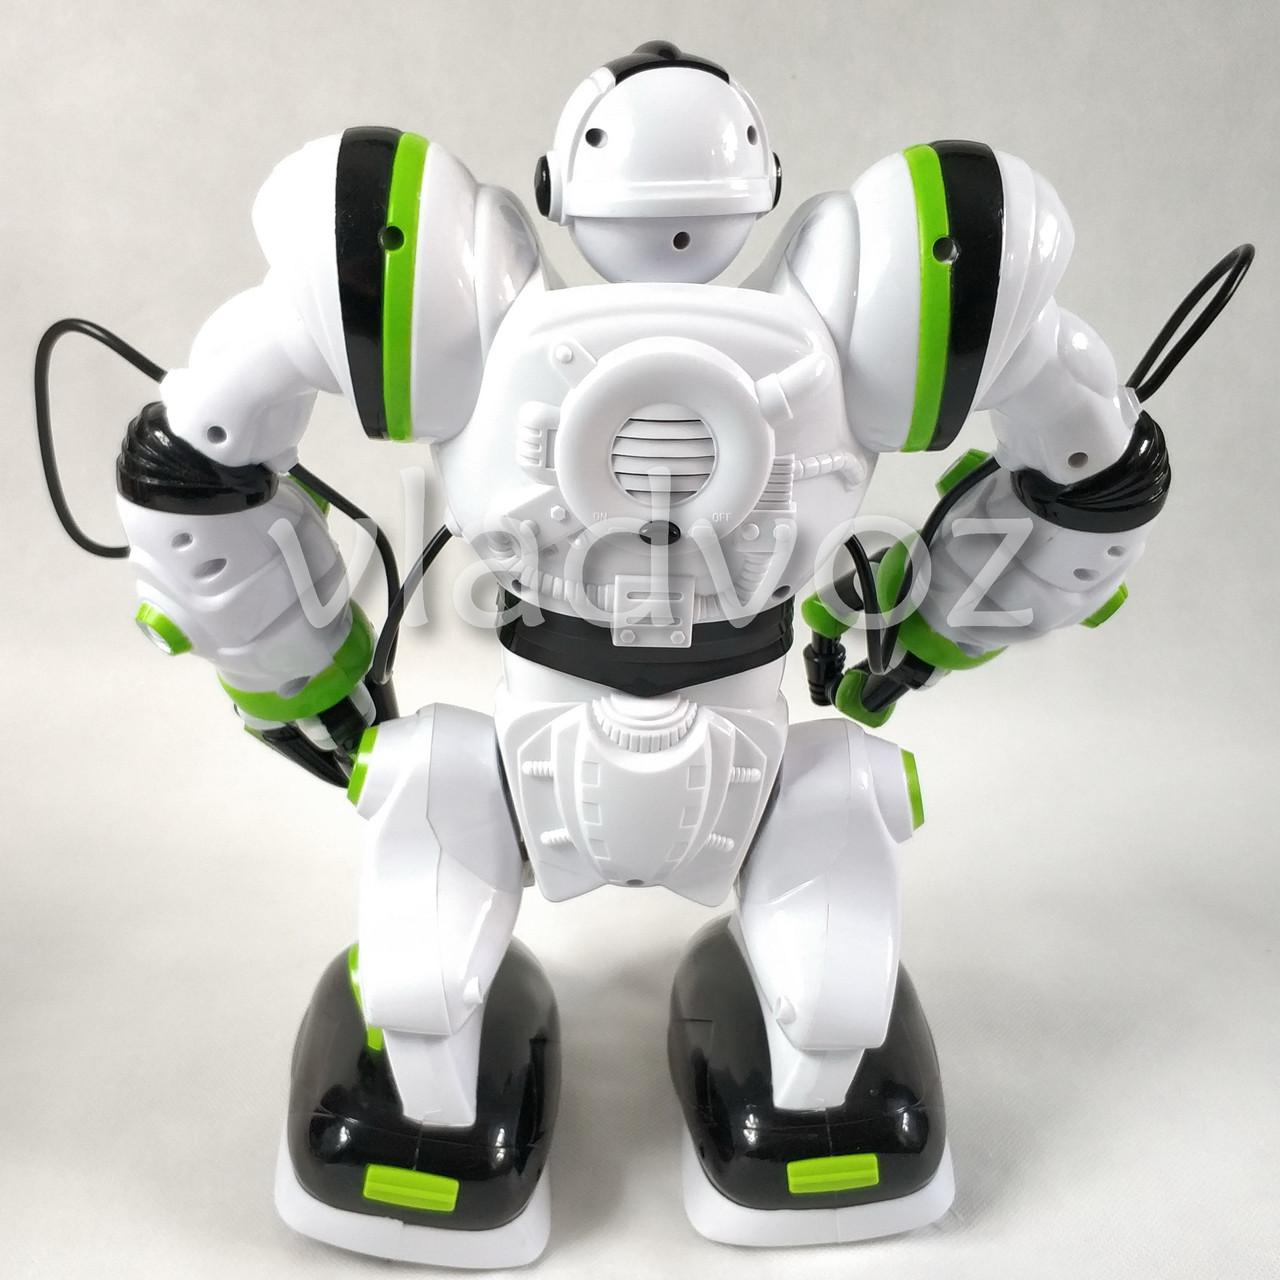 Робот на пульті управління радіокерована іграшка на акумуляторах Robowisdom білий з салатовим - фото 5